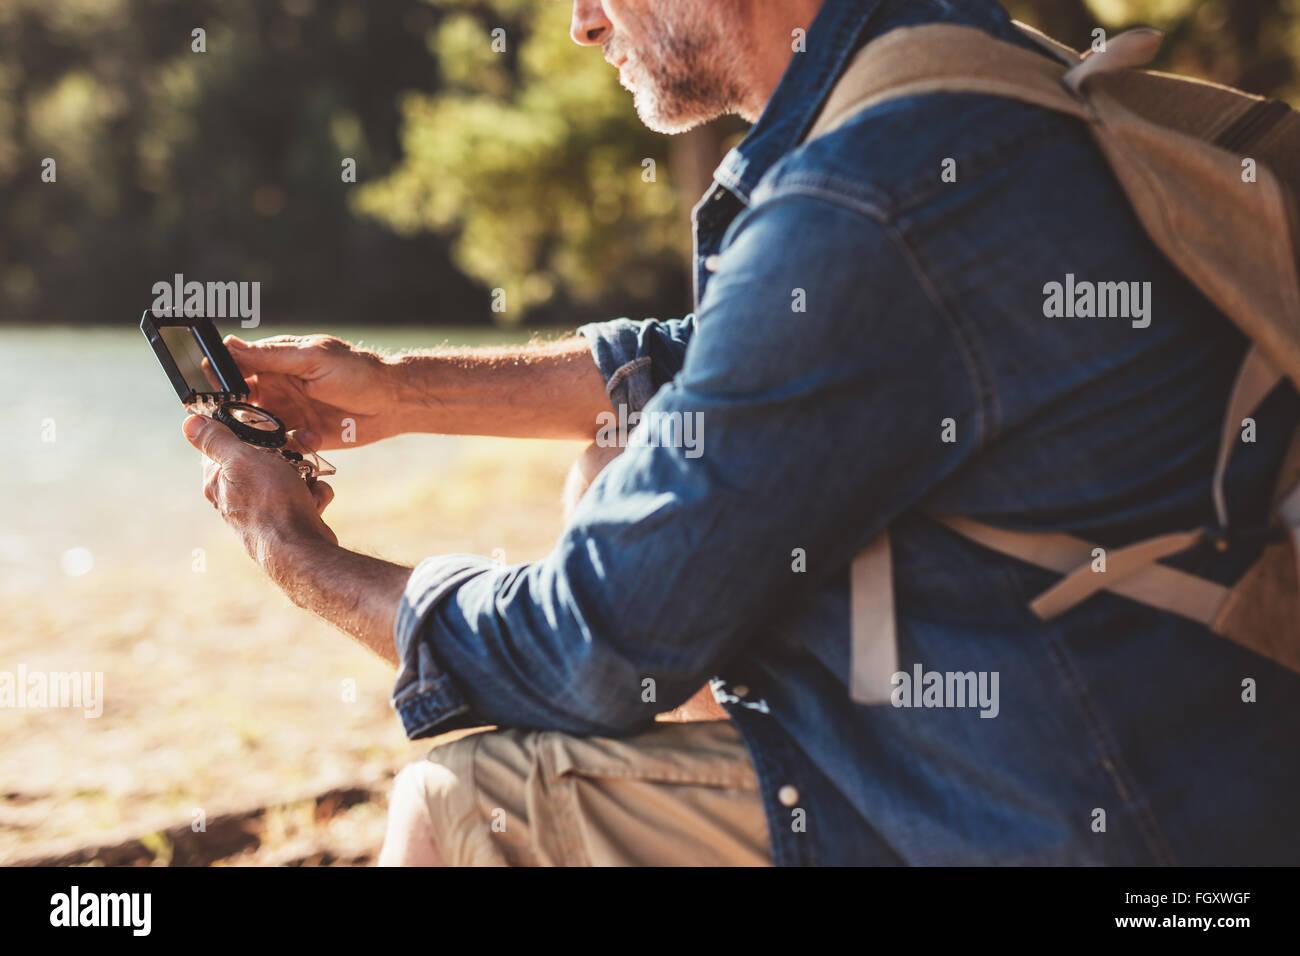 Recorta el retrato de hombre maduro, sentado en un lago con una brújula para la navegación. Caminante Imagen De Stock